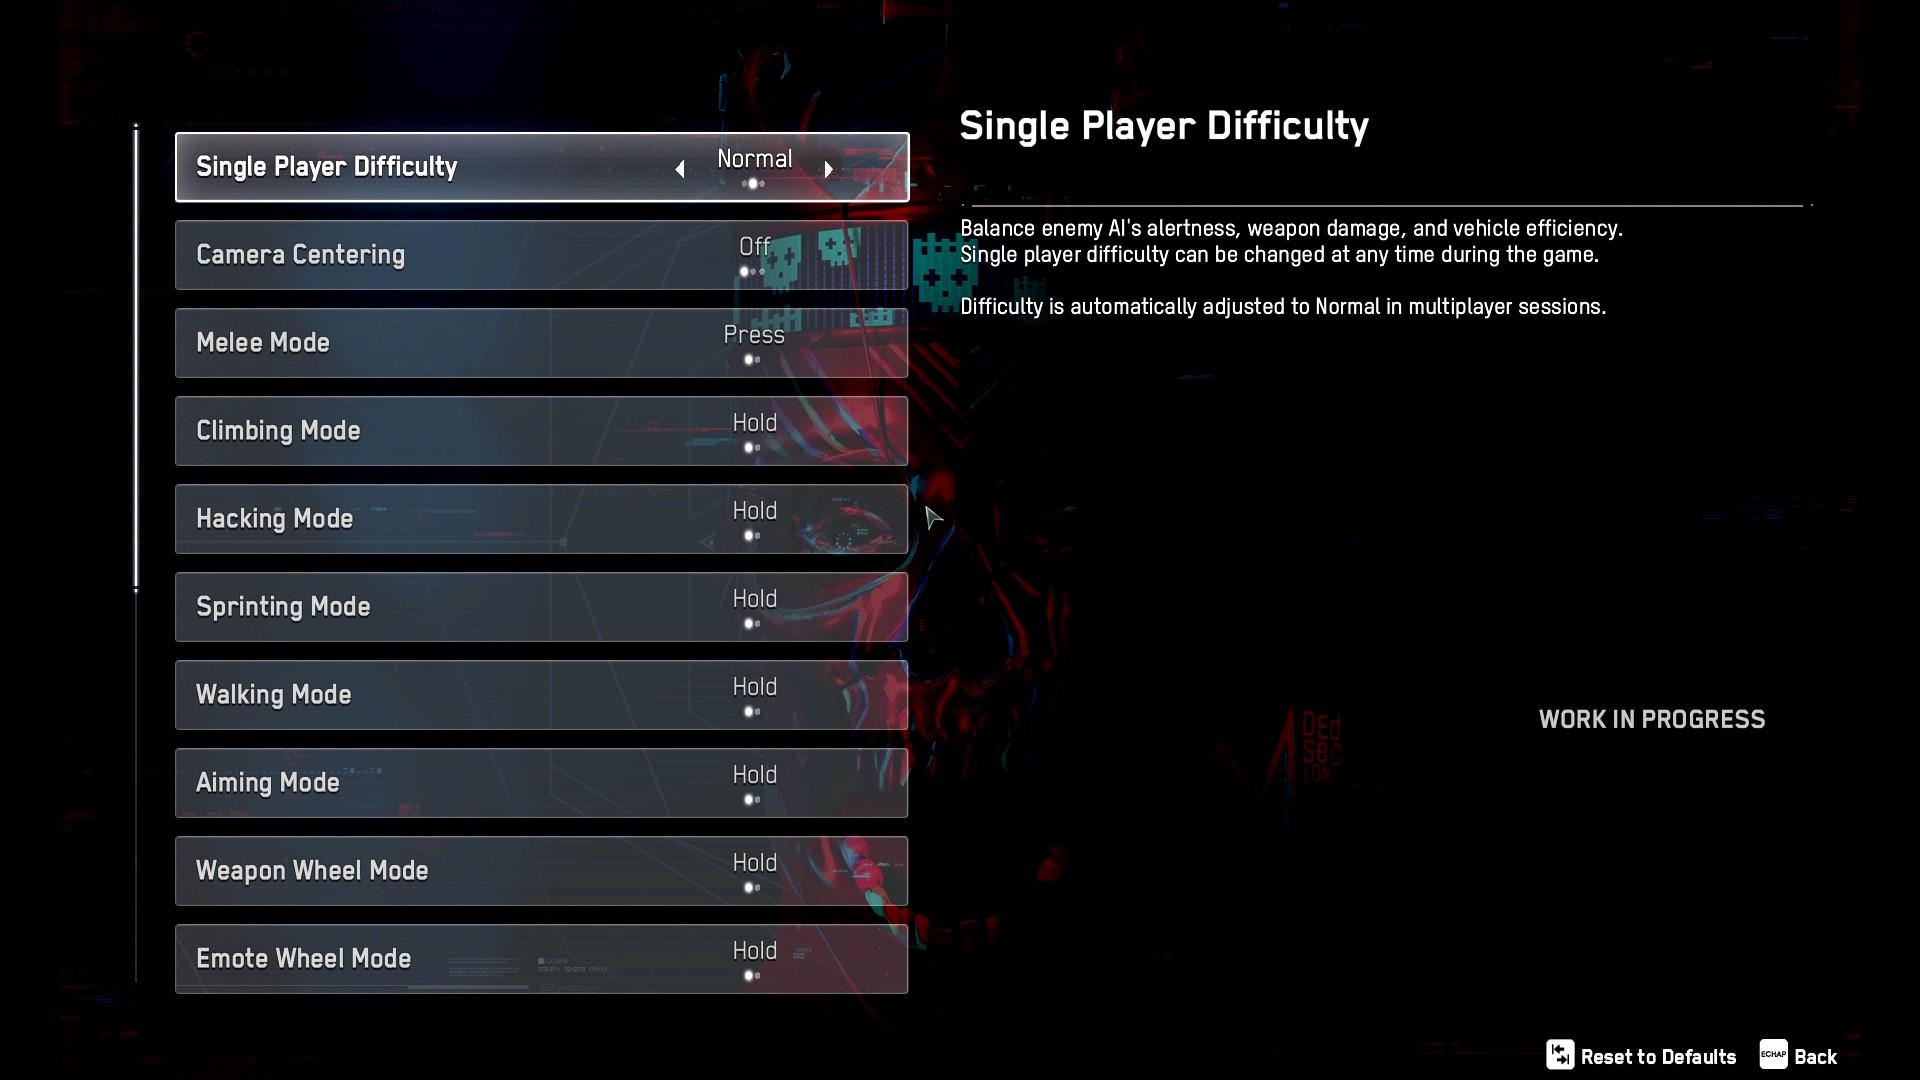 Erste Hälfte der Gameplay-Optionen. Hier befinden sich Einstellungen für die Schwierigkeit sowie die Kamerazentrierung. Außerdem kann für folgende Aktionen zwischen Einrasten oder Halten gewählt werden: Klettern, Hacken, Sprinten, Laufen, Zielen, Waffenrad, Emotionsrad.